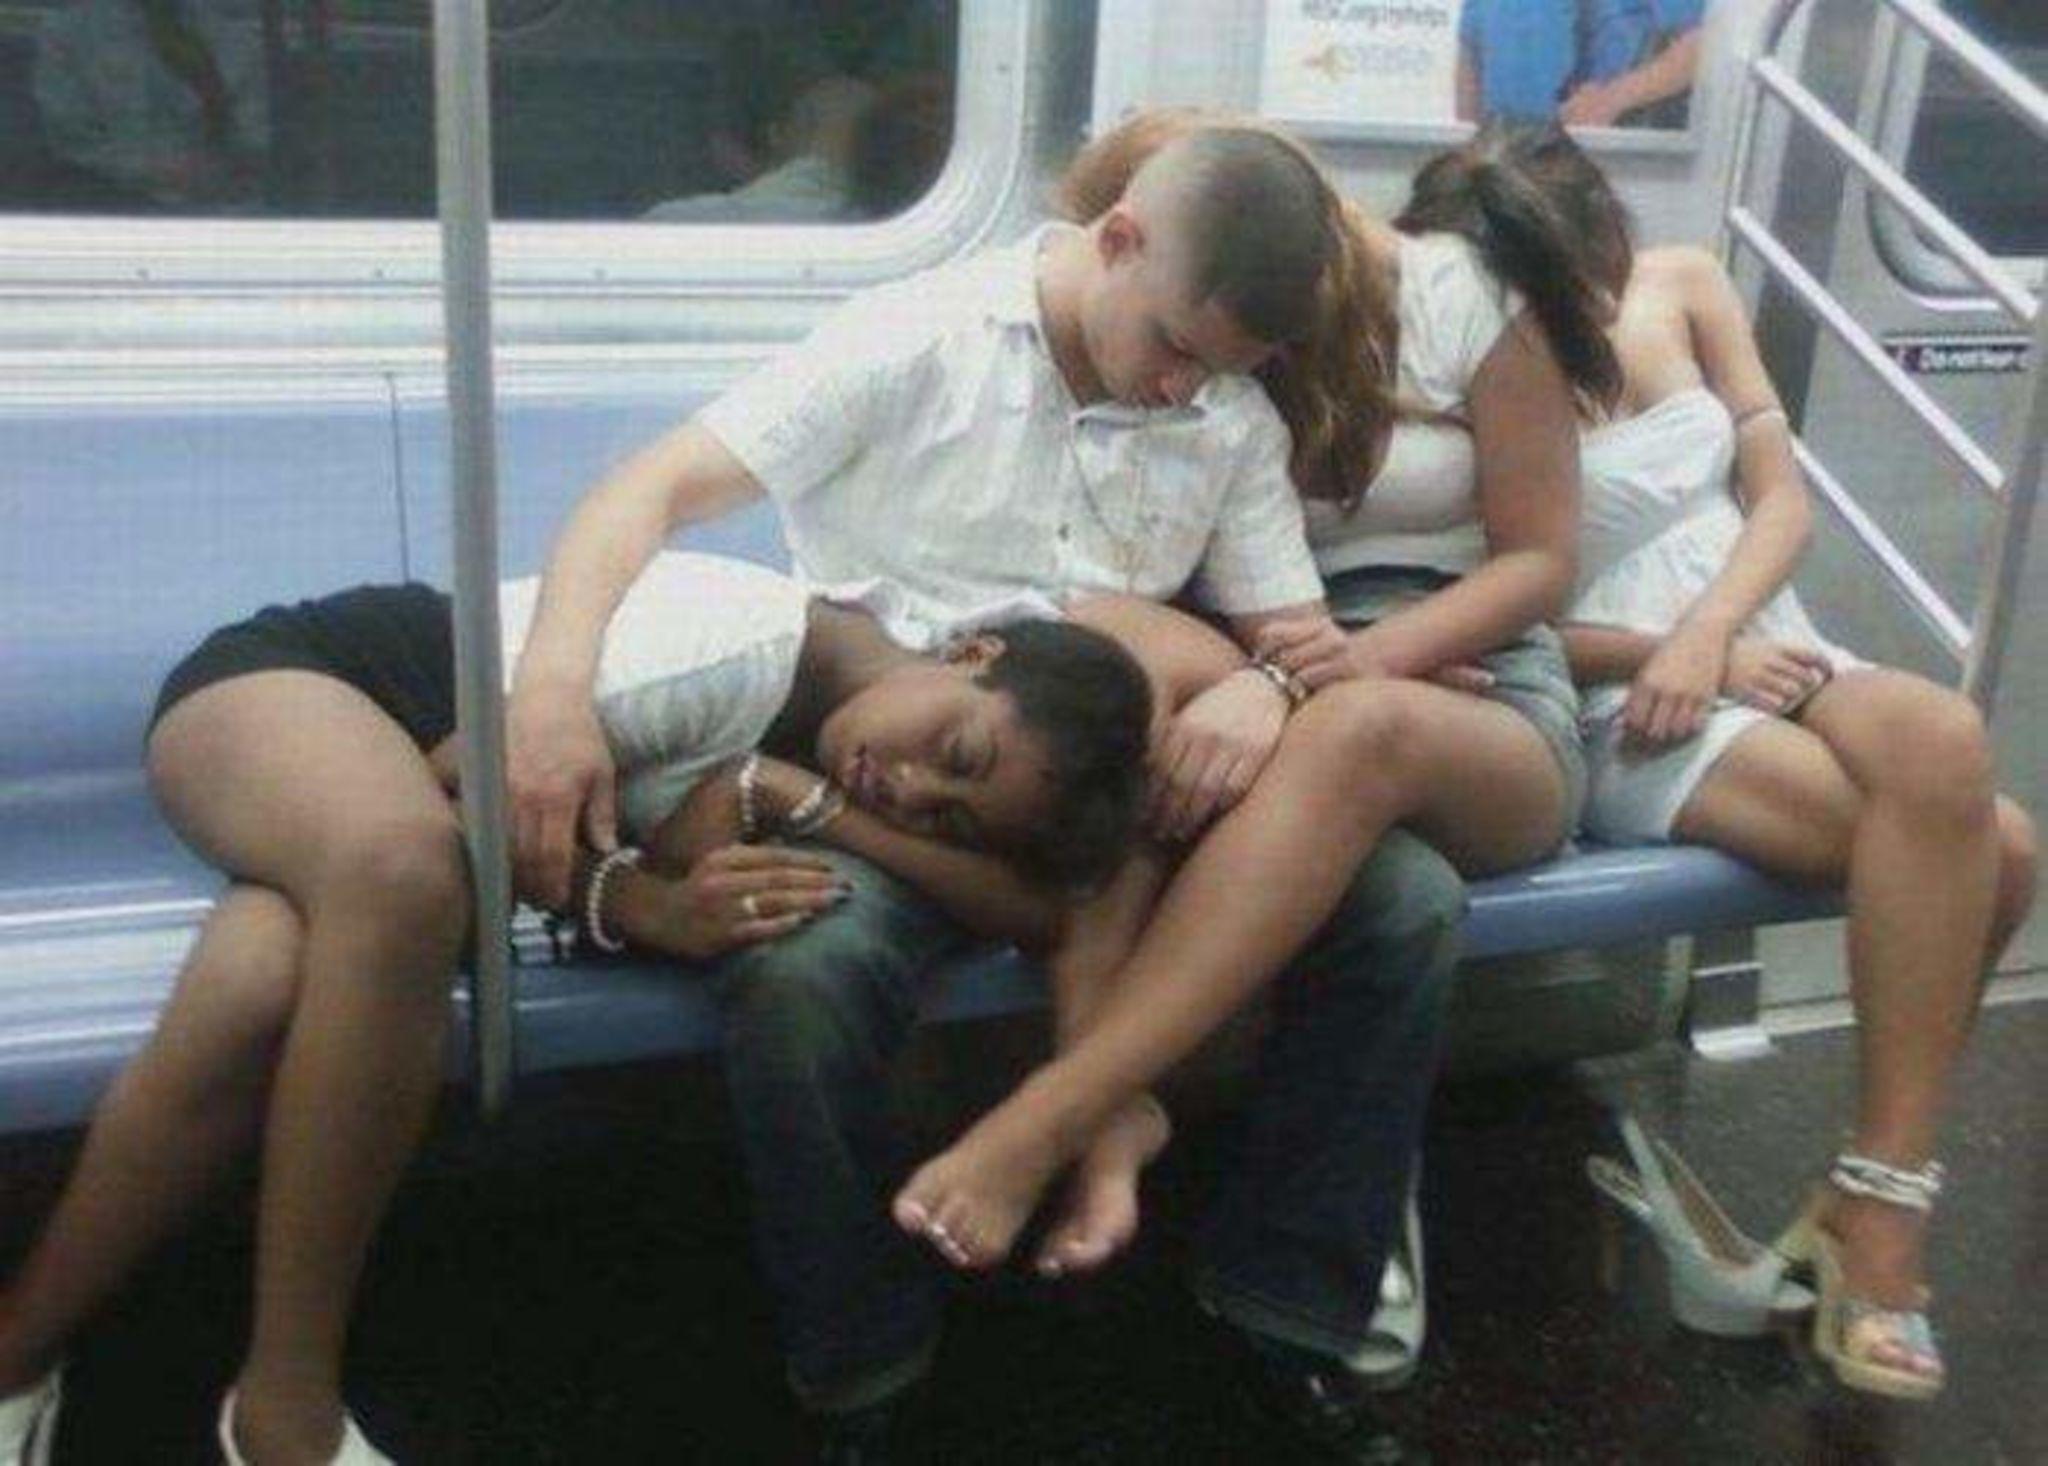 Спящие в транспорте фото 6 фотография